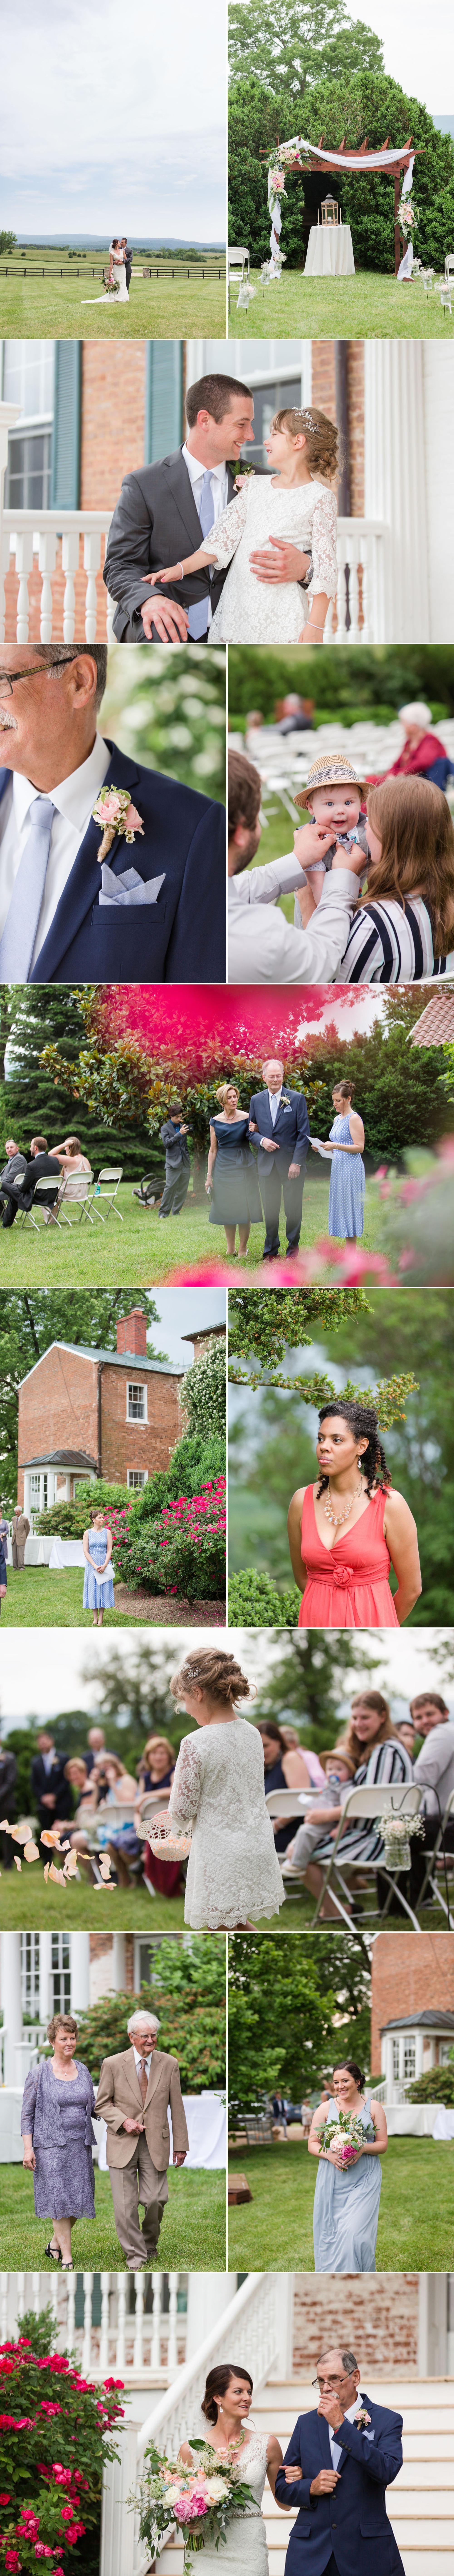 outdoor wedding ceremony, berryville, va